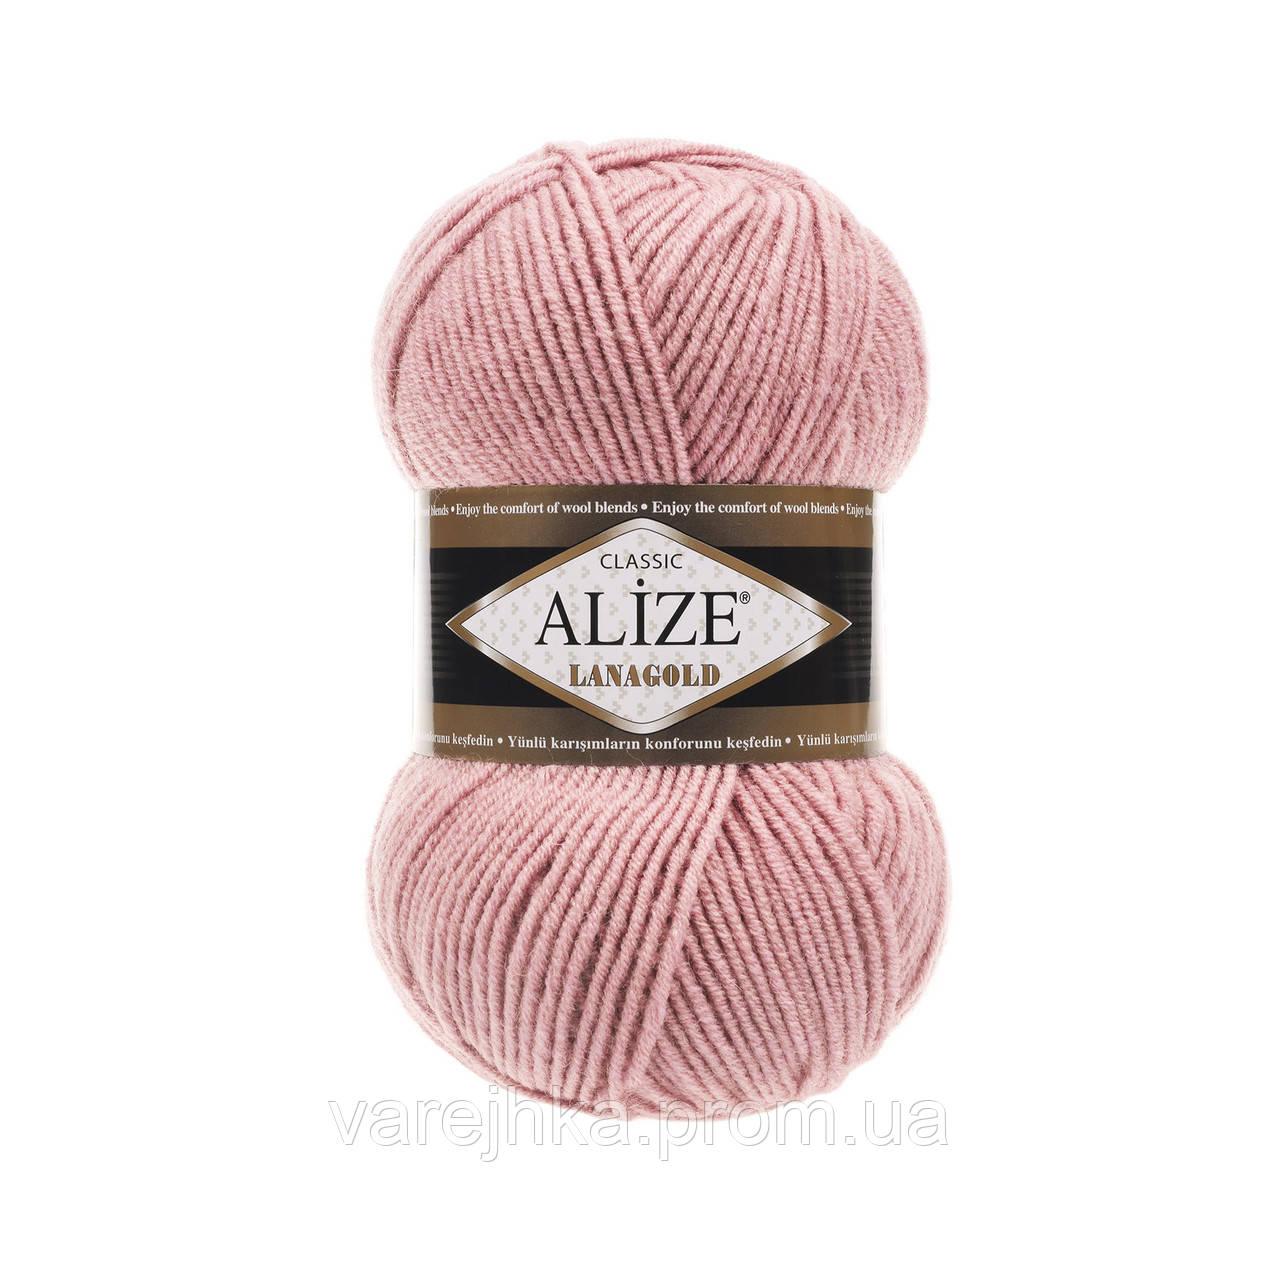 Вязание из alize lanagold